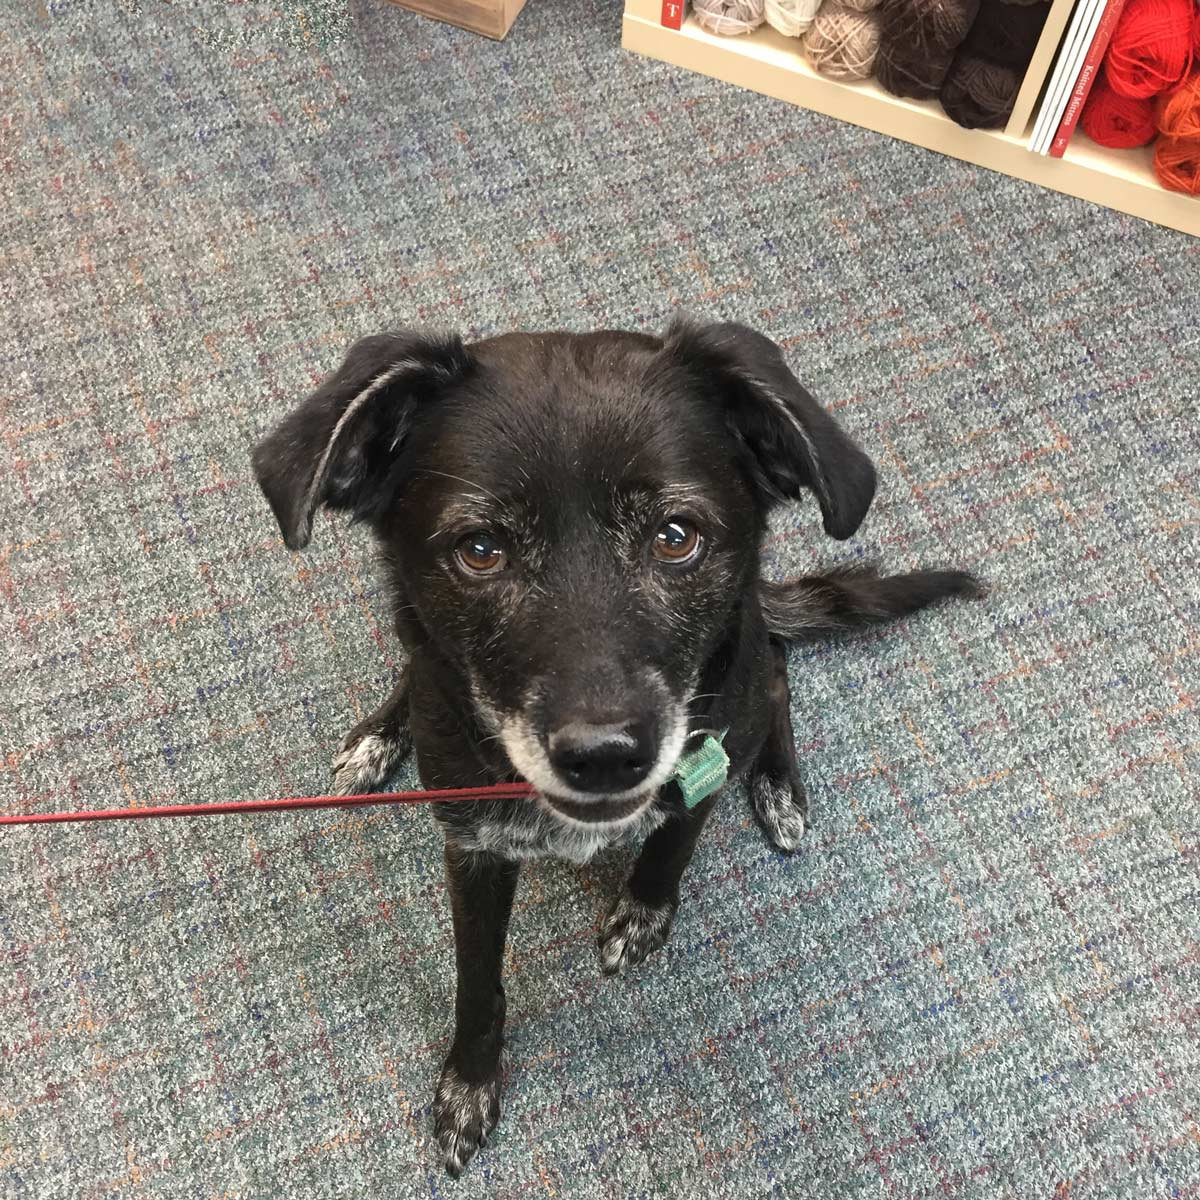 clara, a dark brown dog, sitting in a yarn store